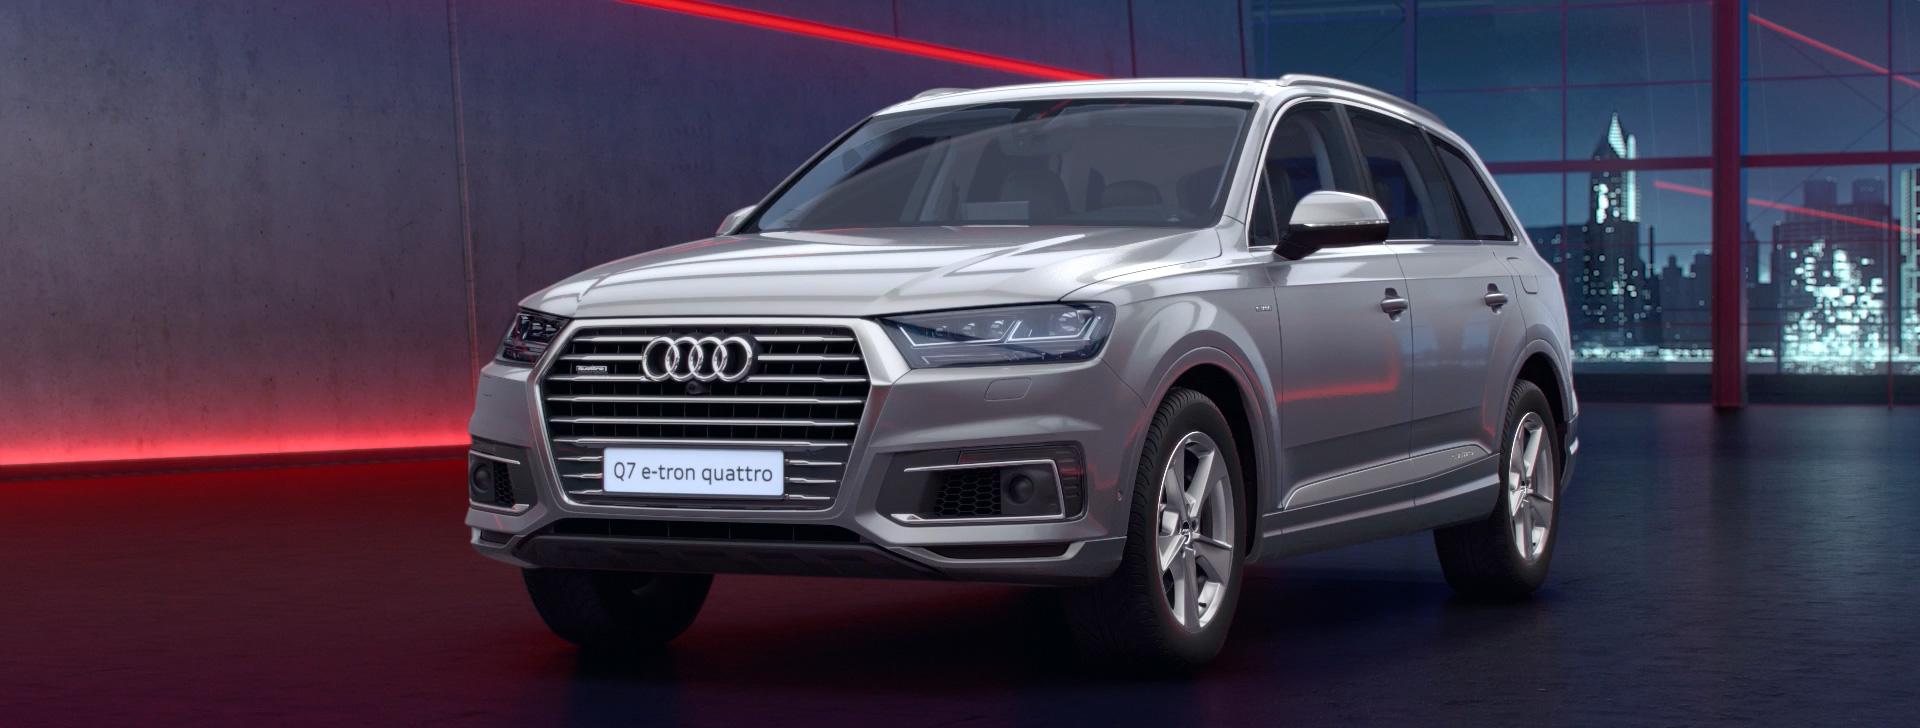 Een laadpaal nodig voor uw Audi Q7 E-Tron? - ENGIE